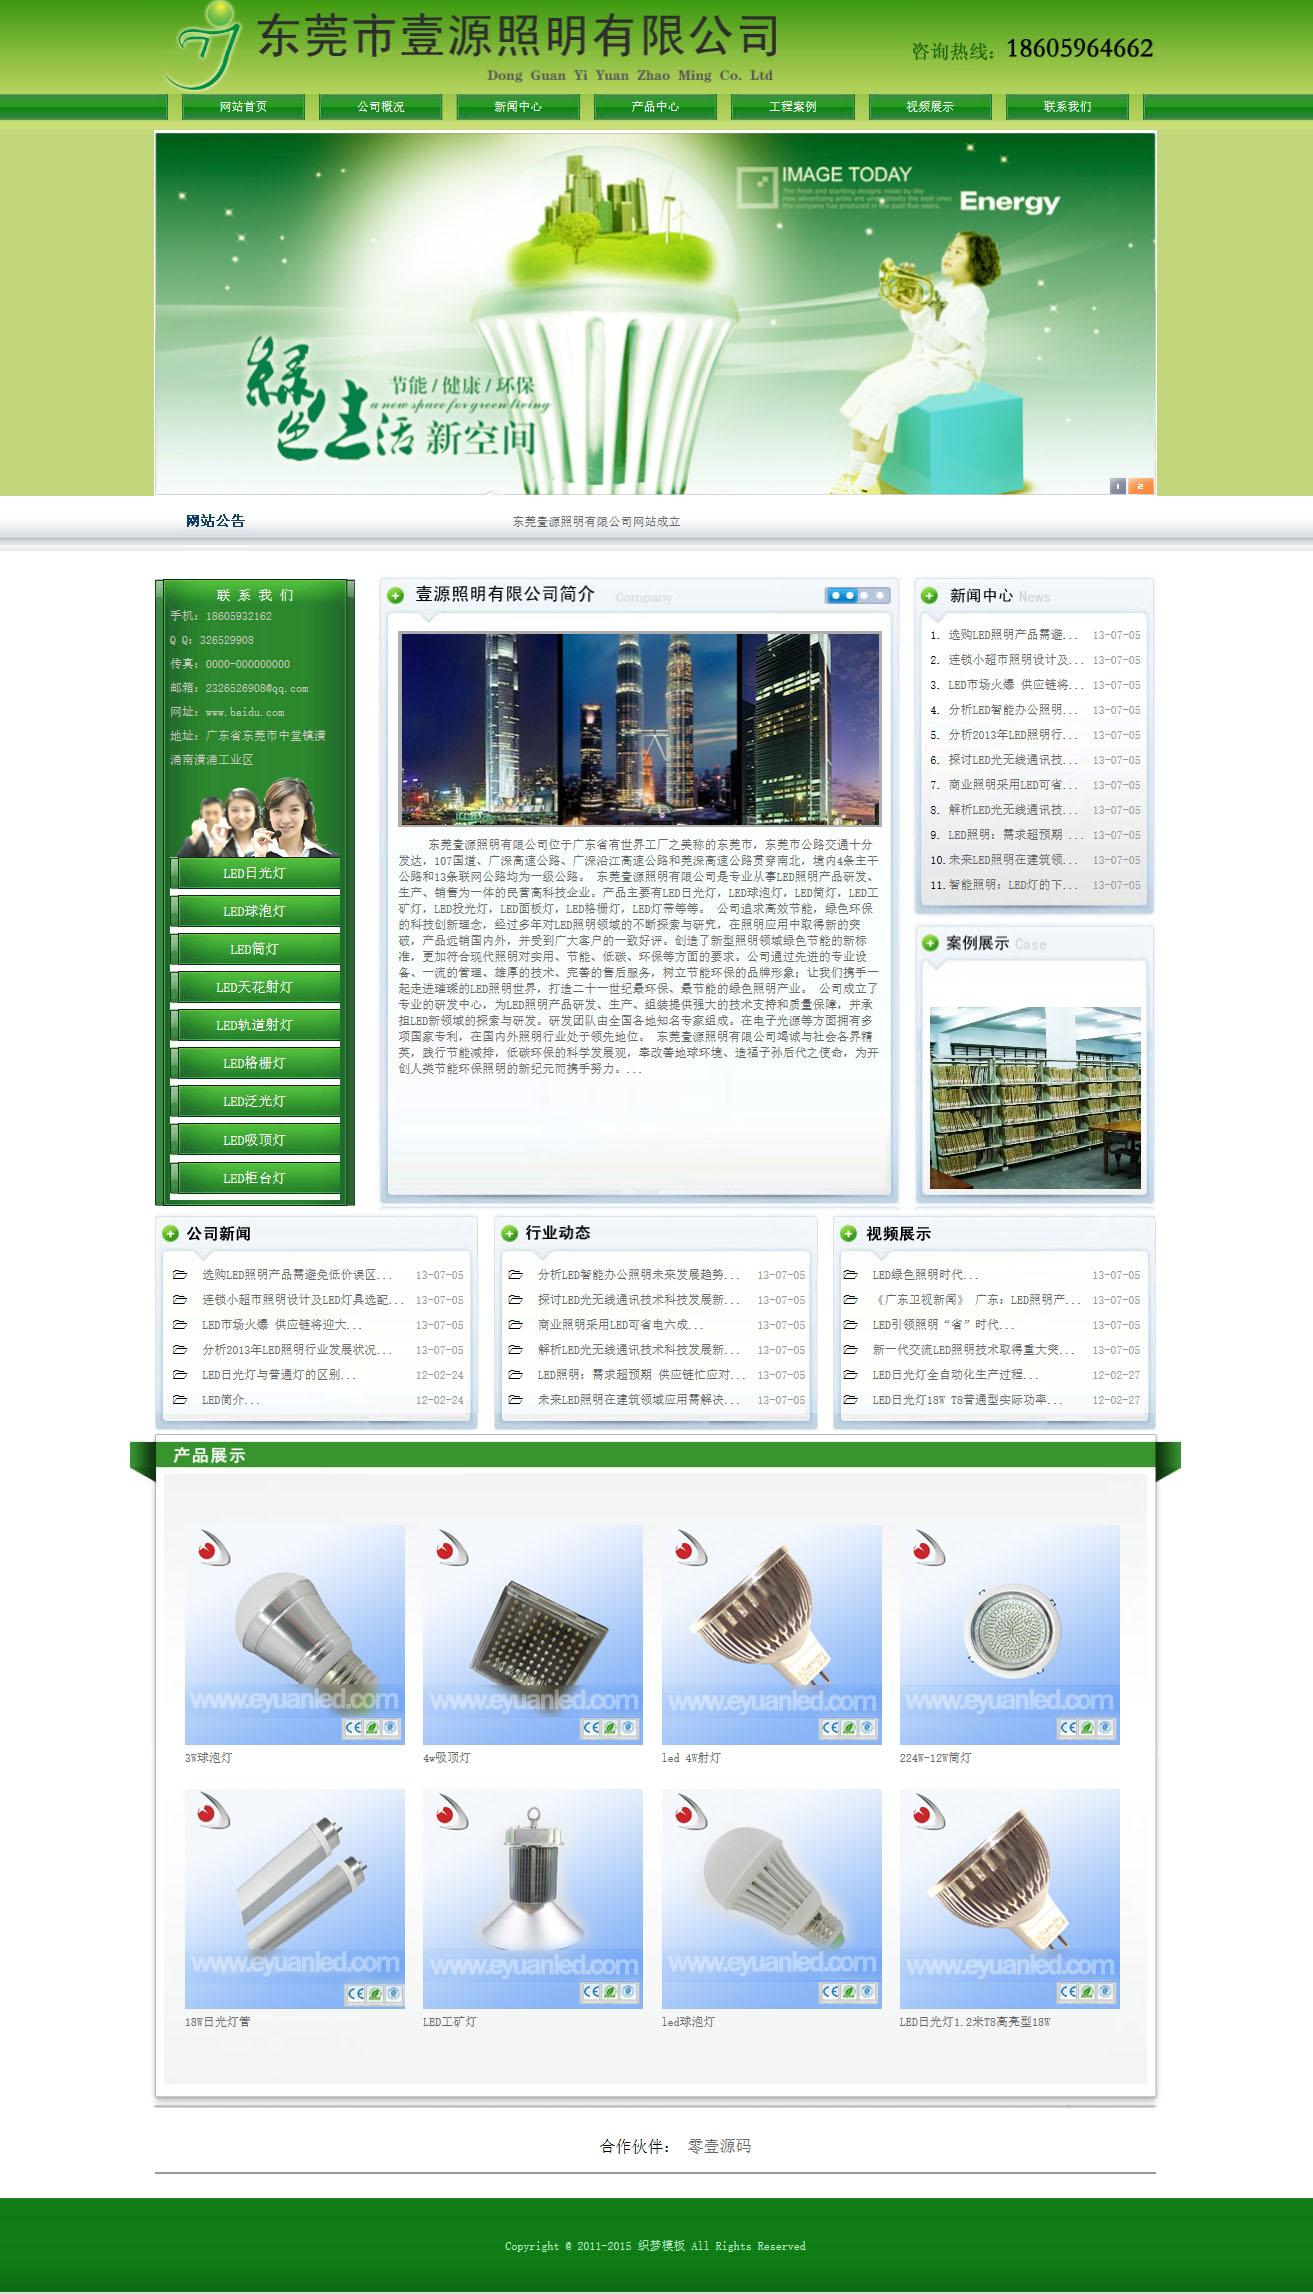 绿色节能环保类LED电子产品网站织梦dedecms模板(带手机端)